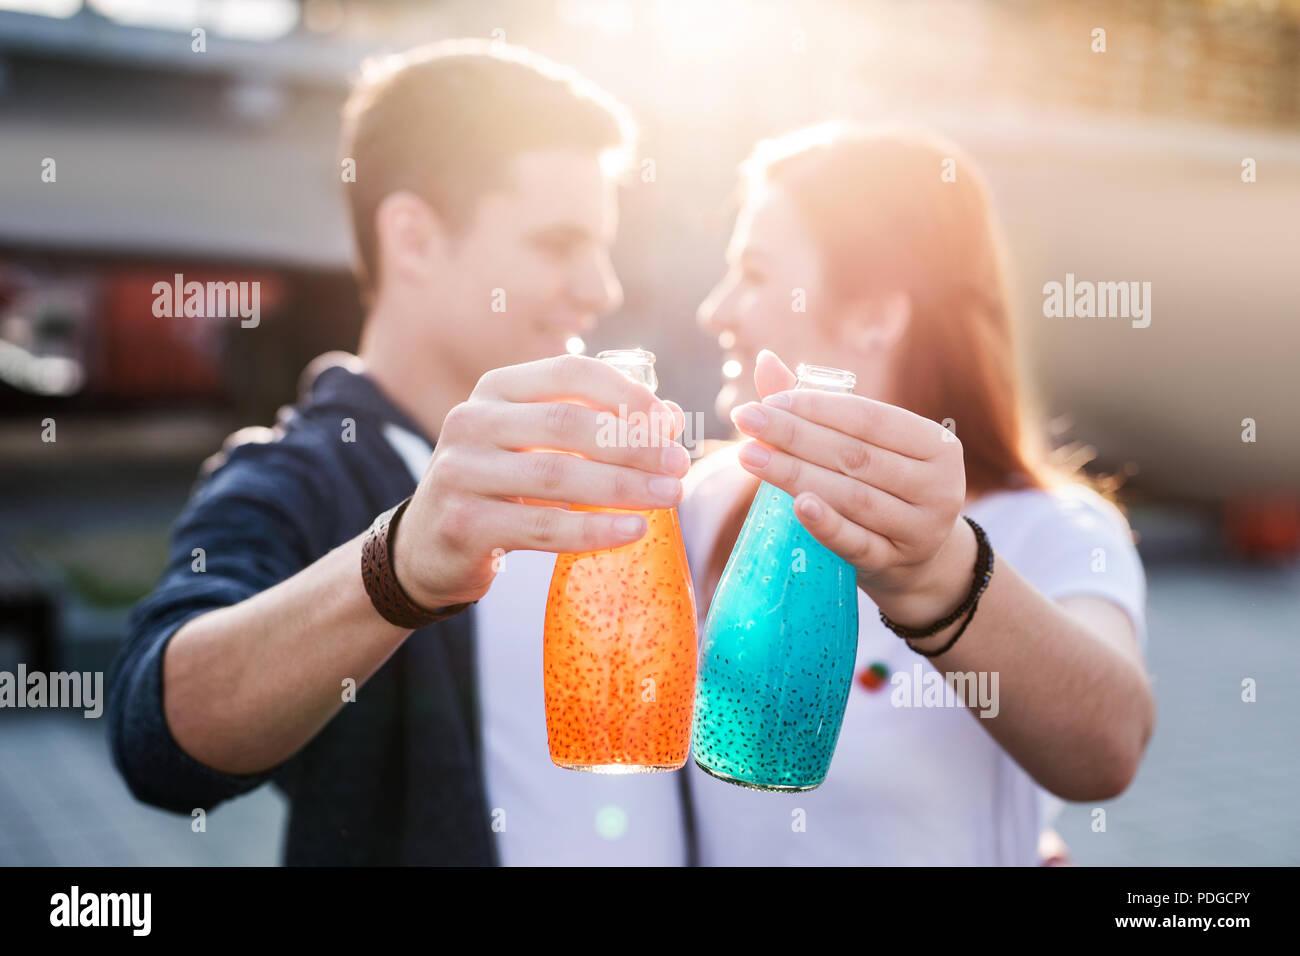 El enfoque selectivo de dos botellas tan delicioso. Imagen De Stock